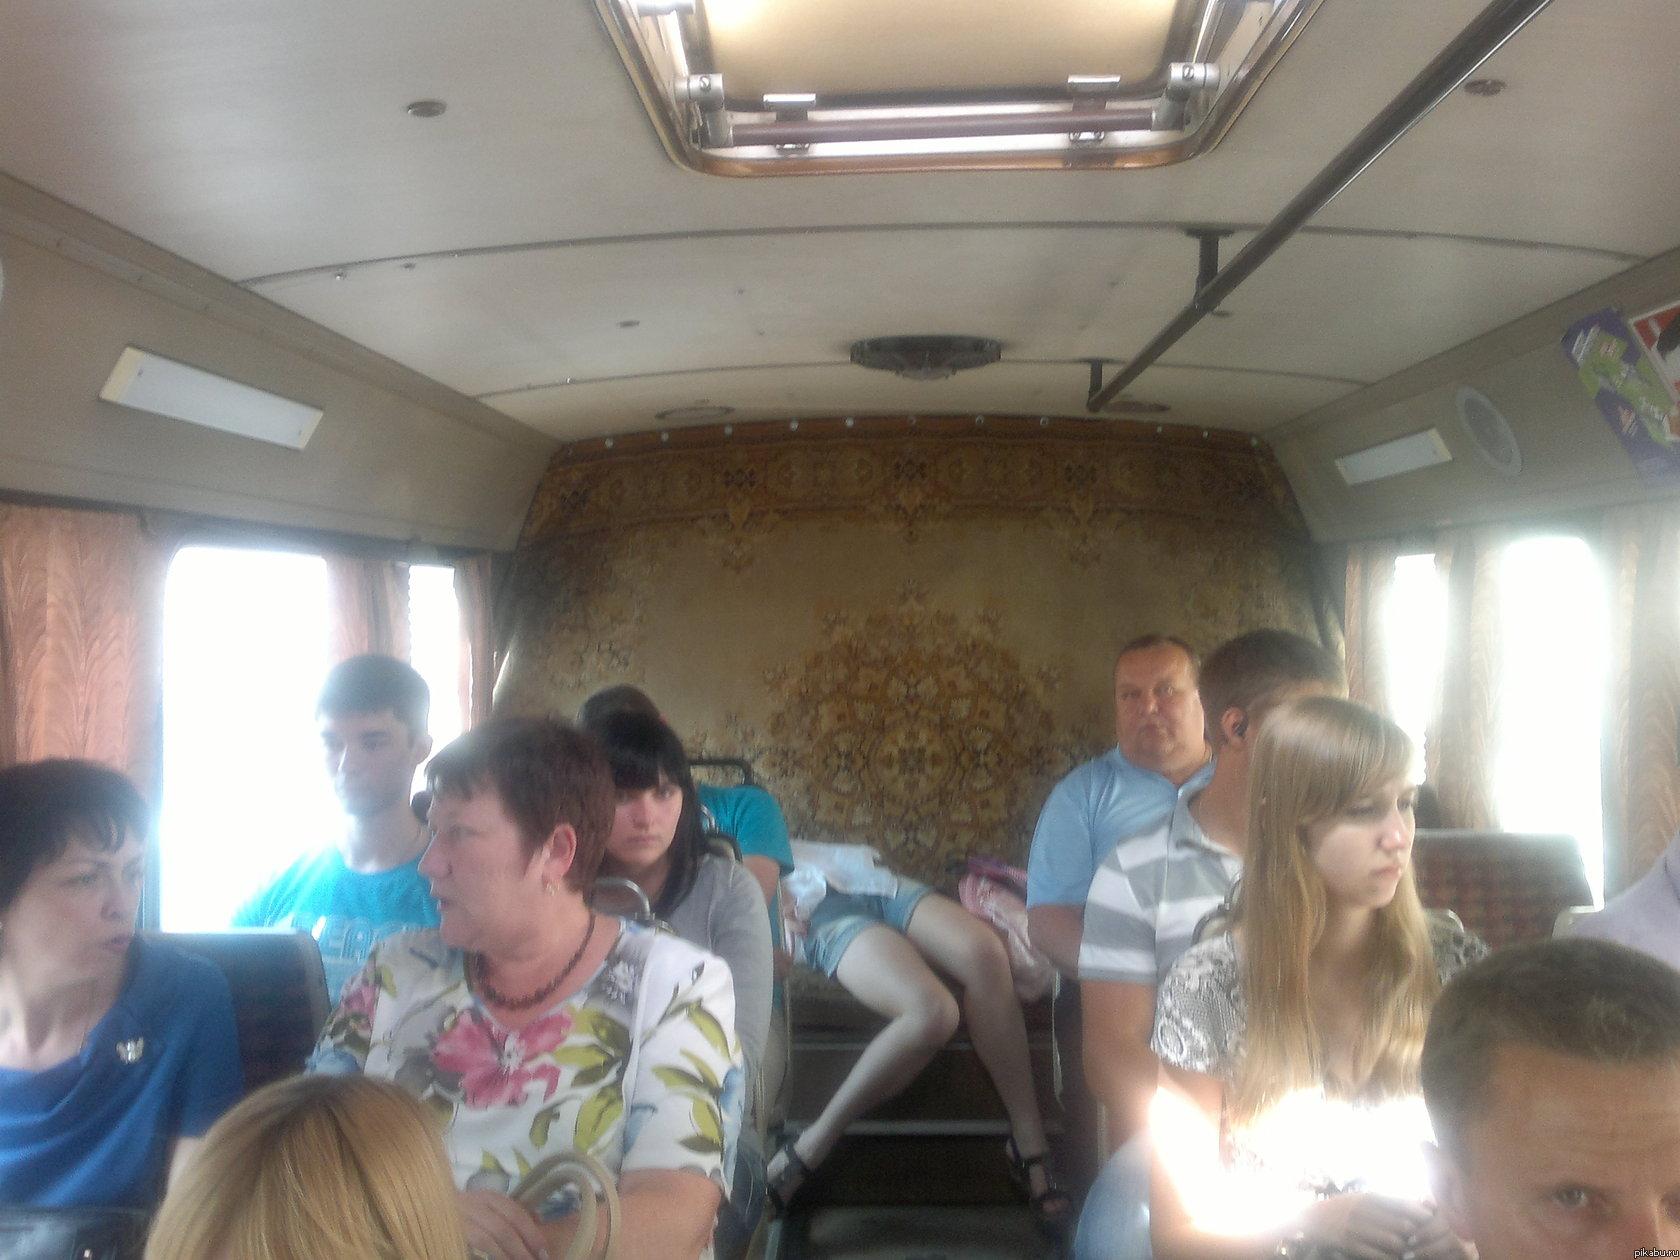 Спящие в транспорте фото 26 фотография